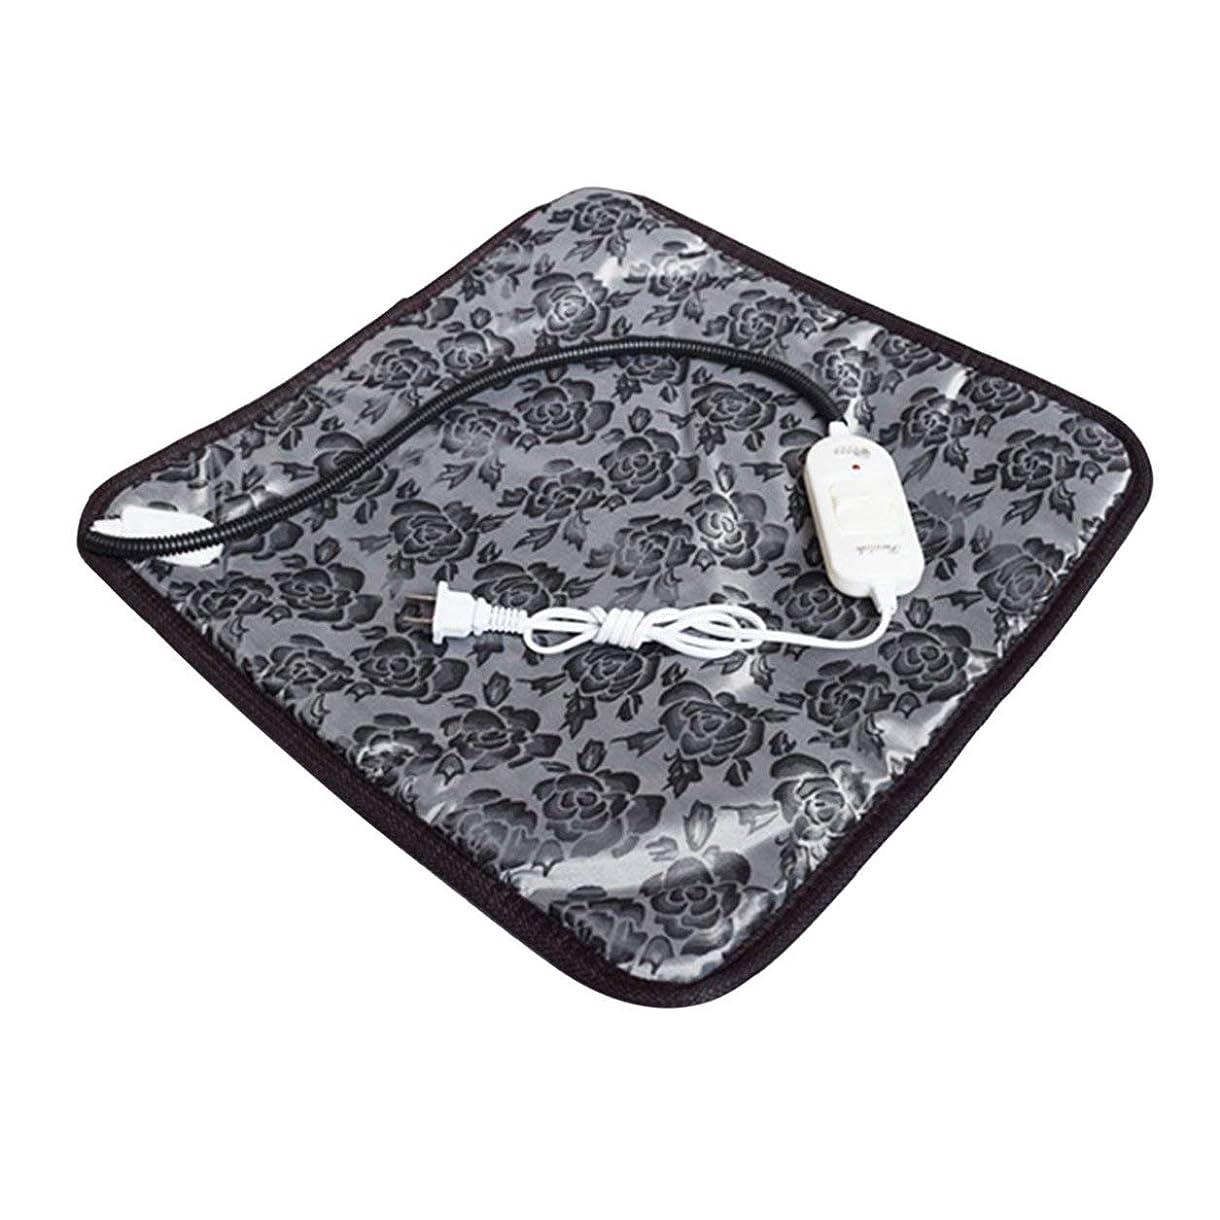 毛布甘やかす殺しますSaikogoods 快適な防水オックスフォード布ペット電気パッドは冬は暖かい温水暖房マット犬猫バニーベッドをキープブランケット 黒